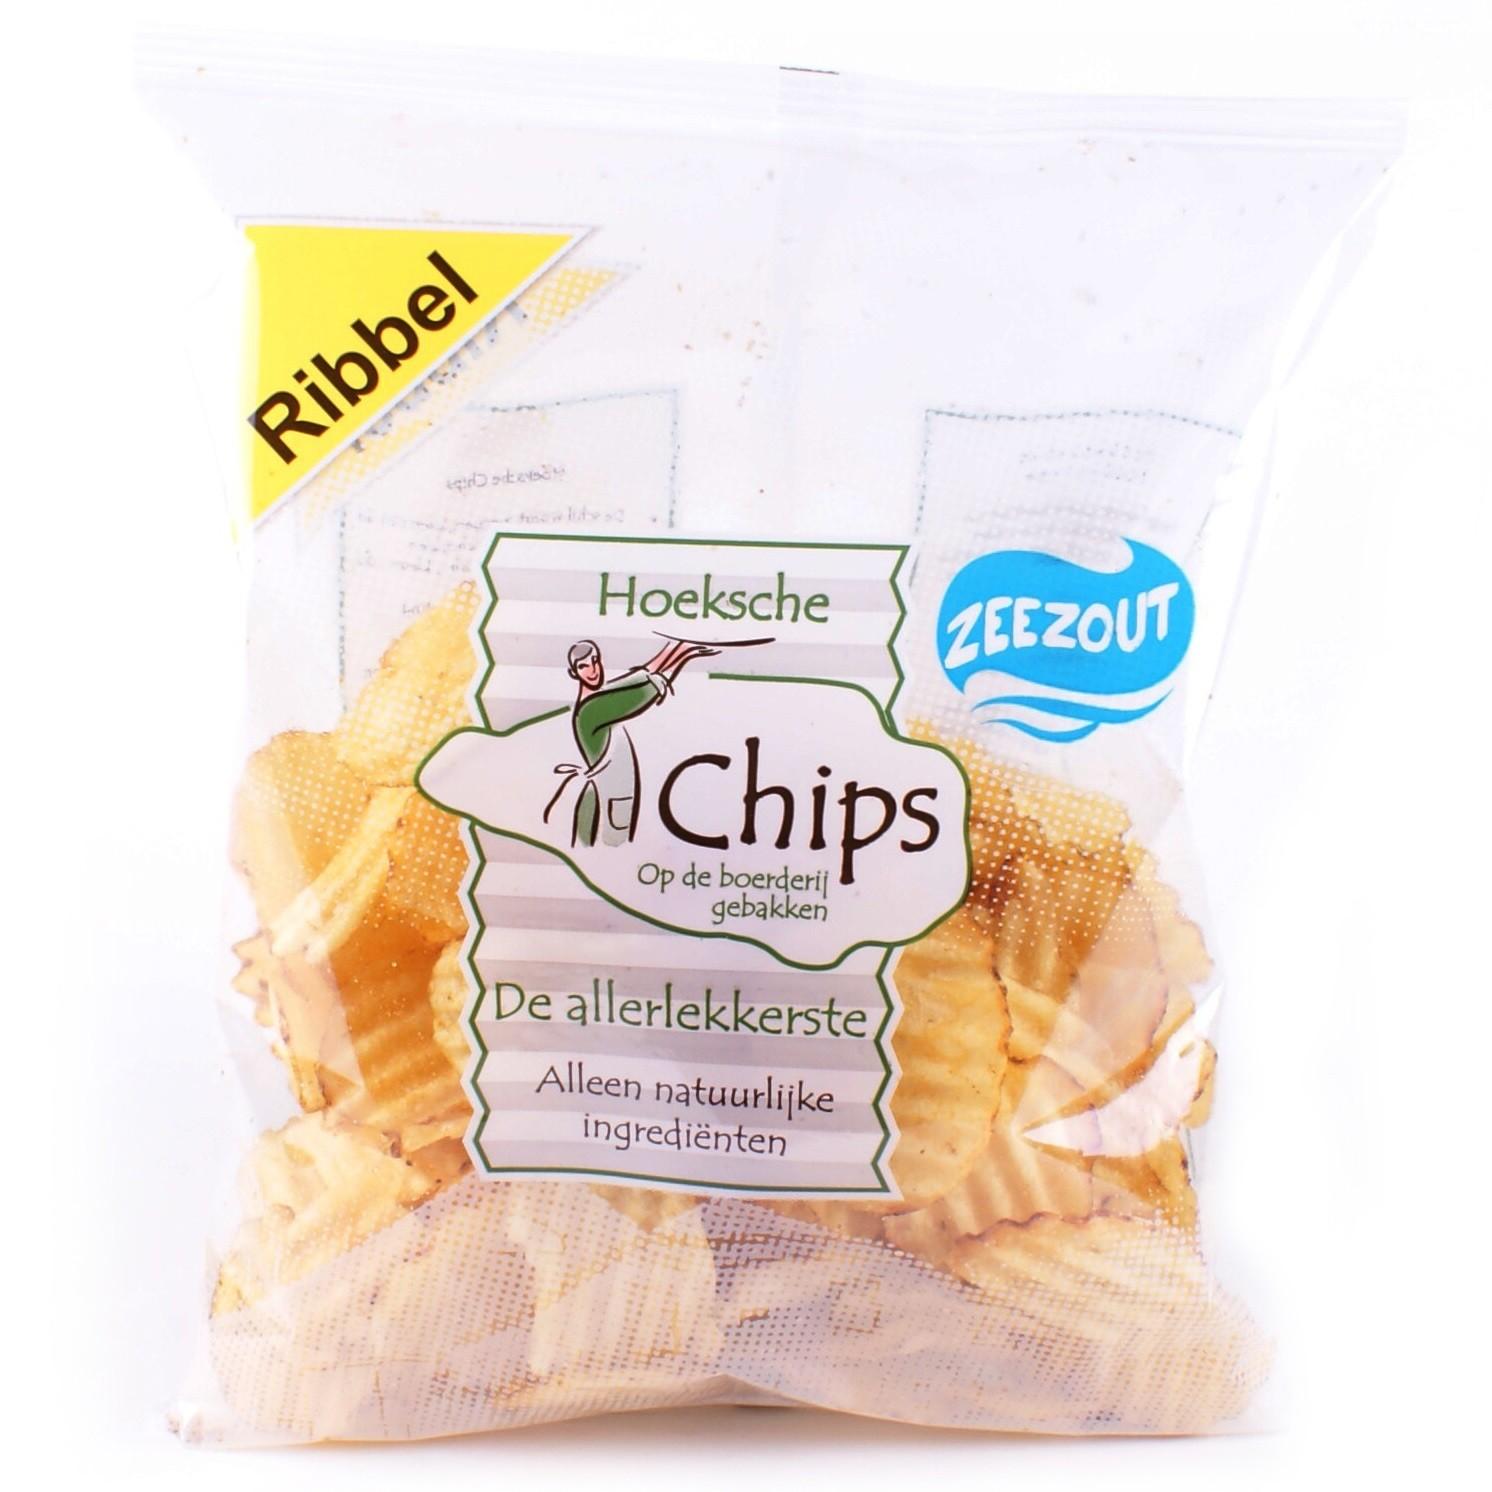 Chips ribbel zak 150gr. Heerlijke chips, zo van 't land! Hoeksche